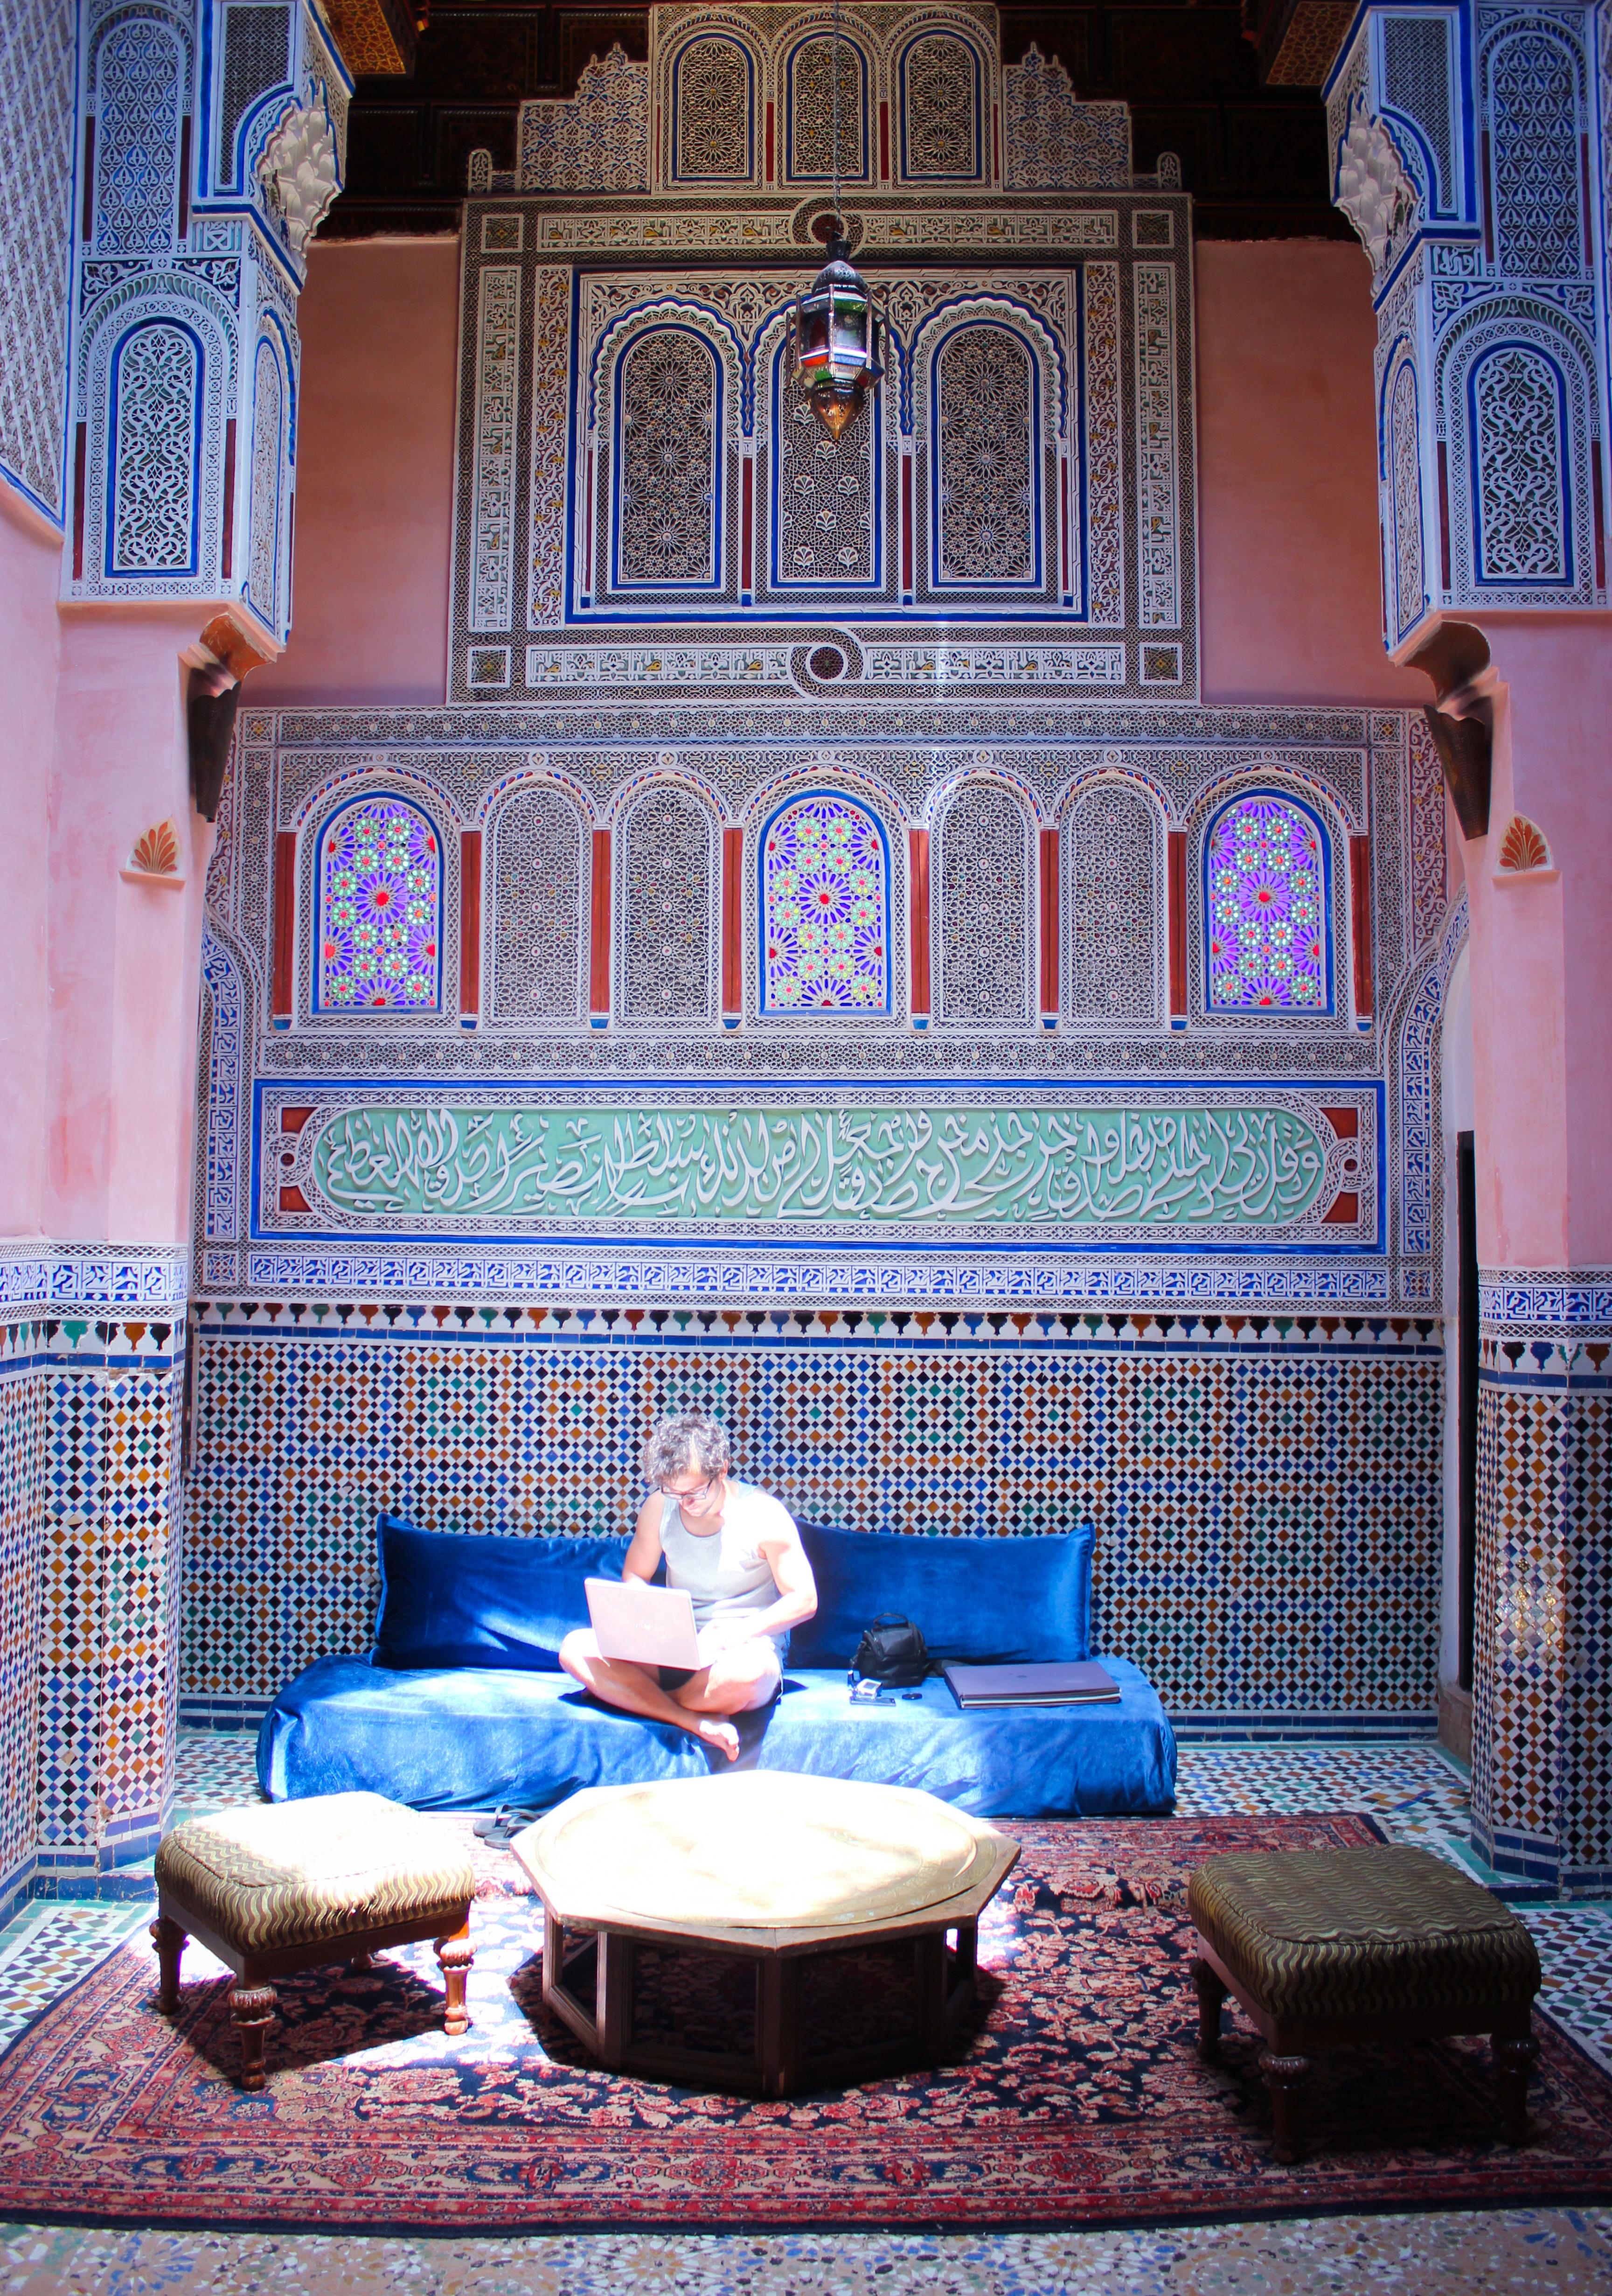 Un homme travaille sur son ordinateur dans le salon du riad d'or à Meknès